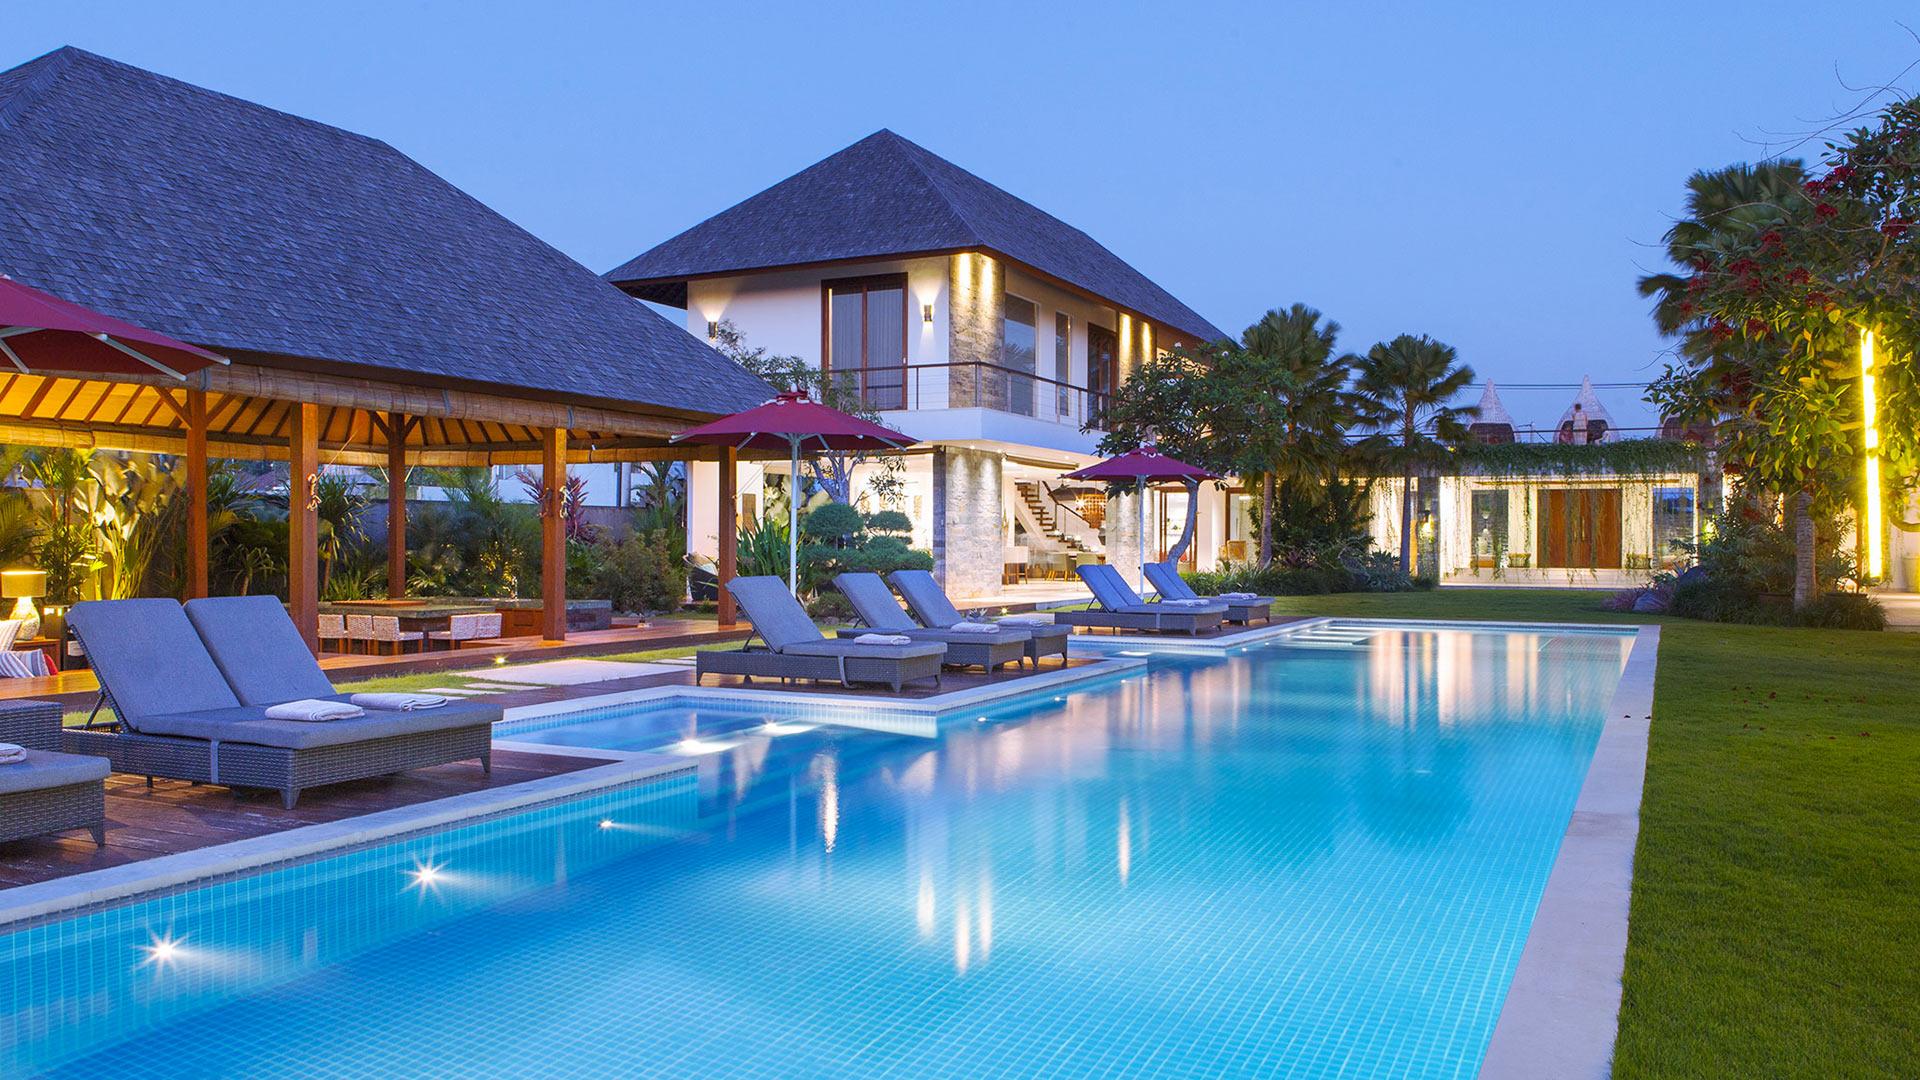 Villa Villa Malaathina, Rental in Bali